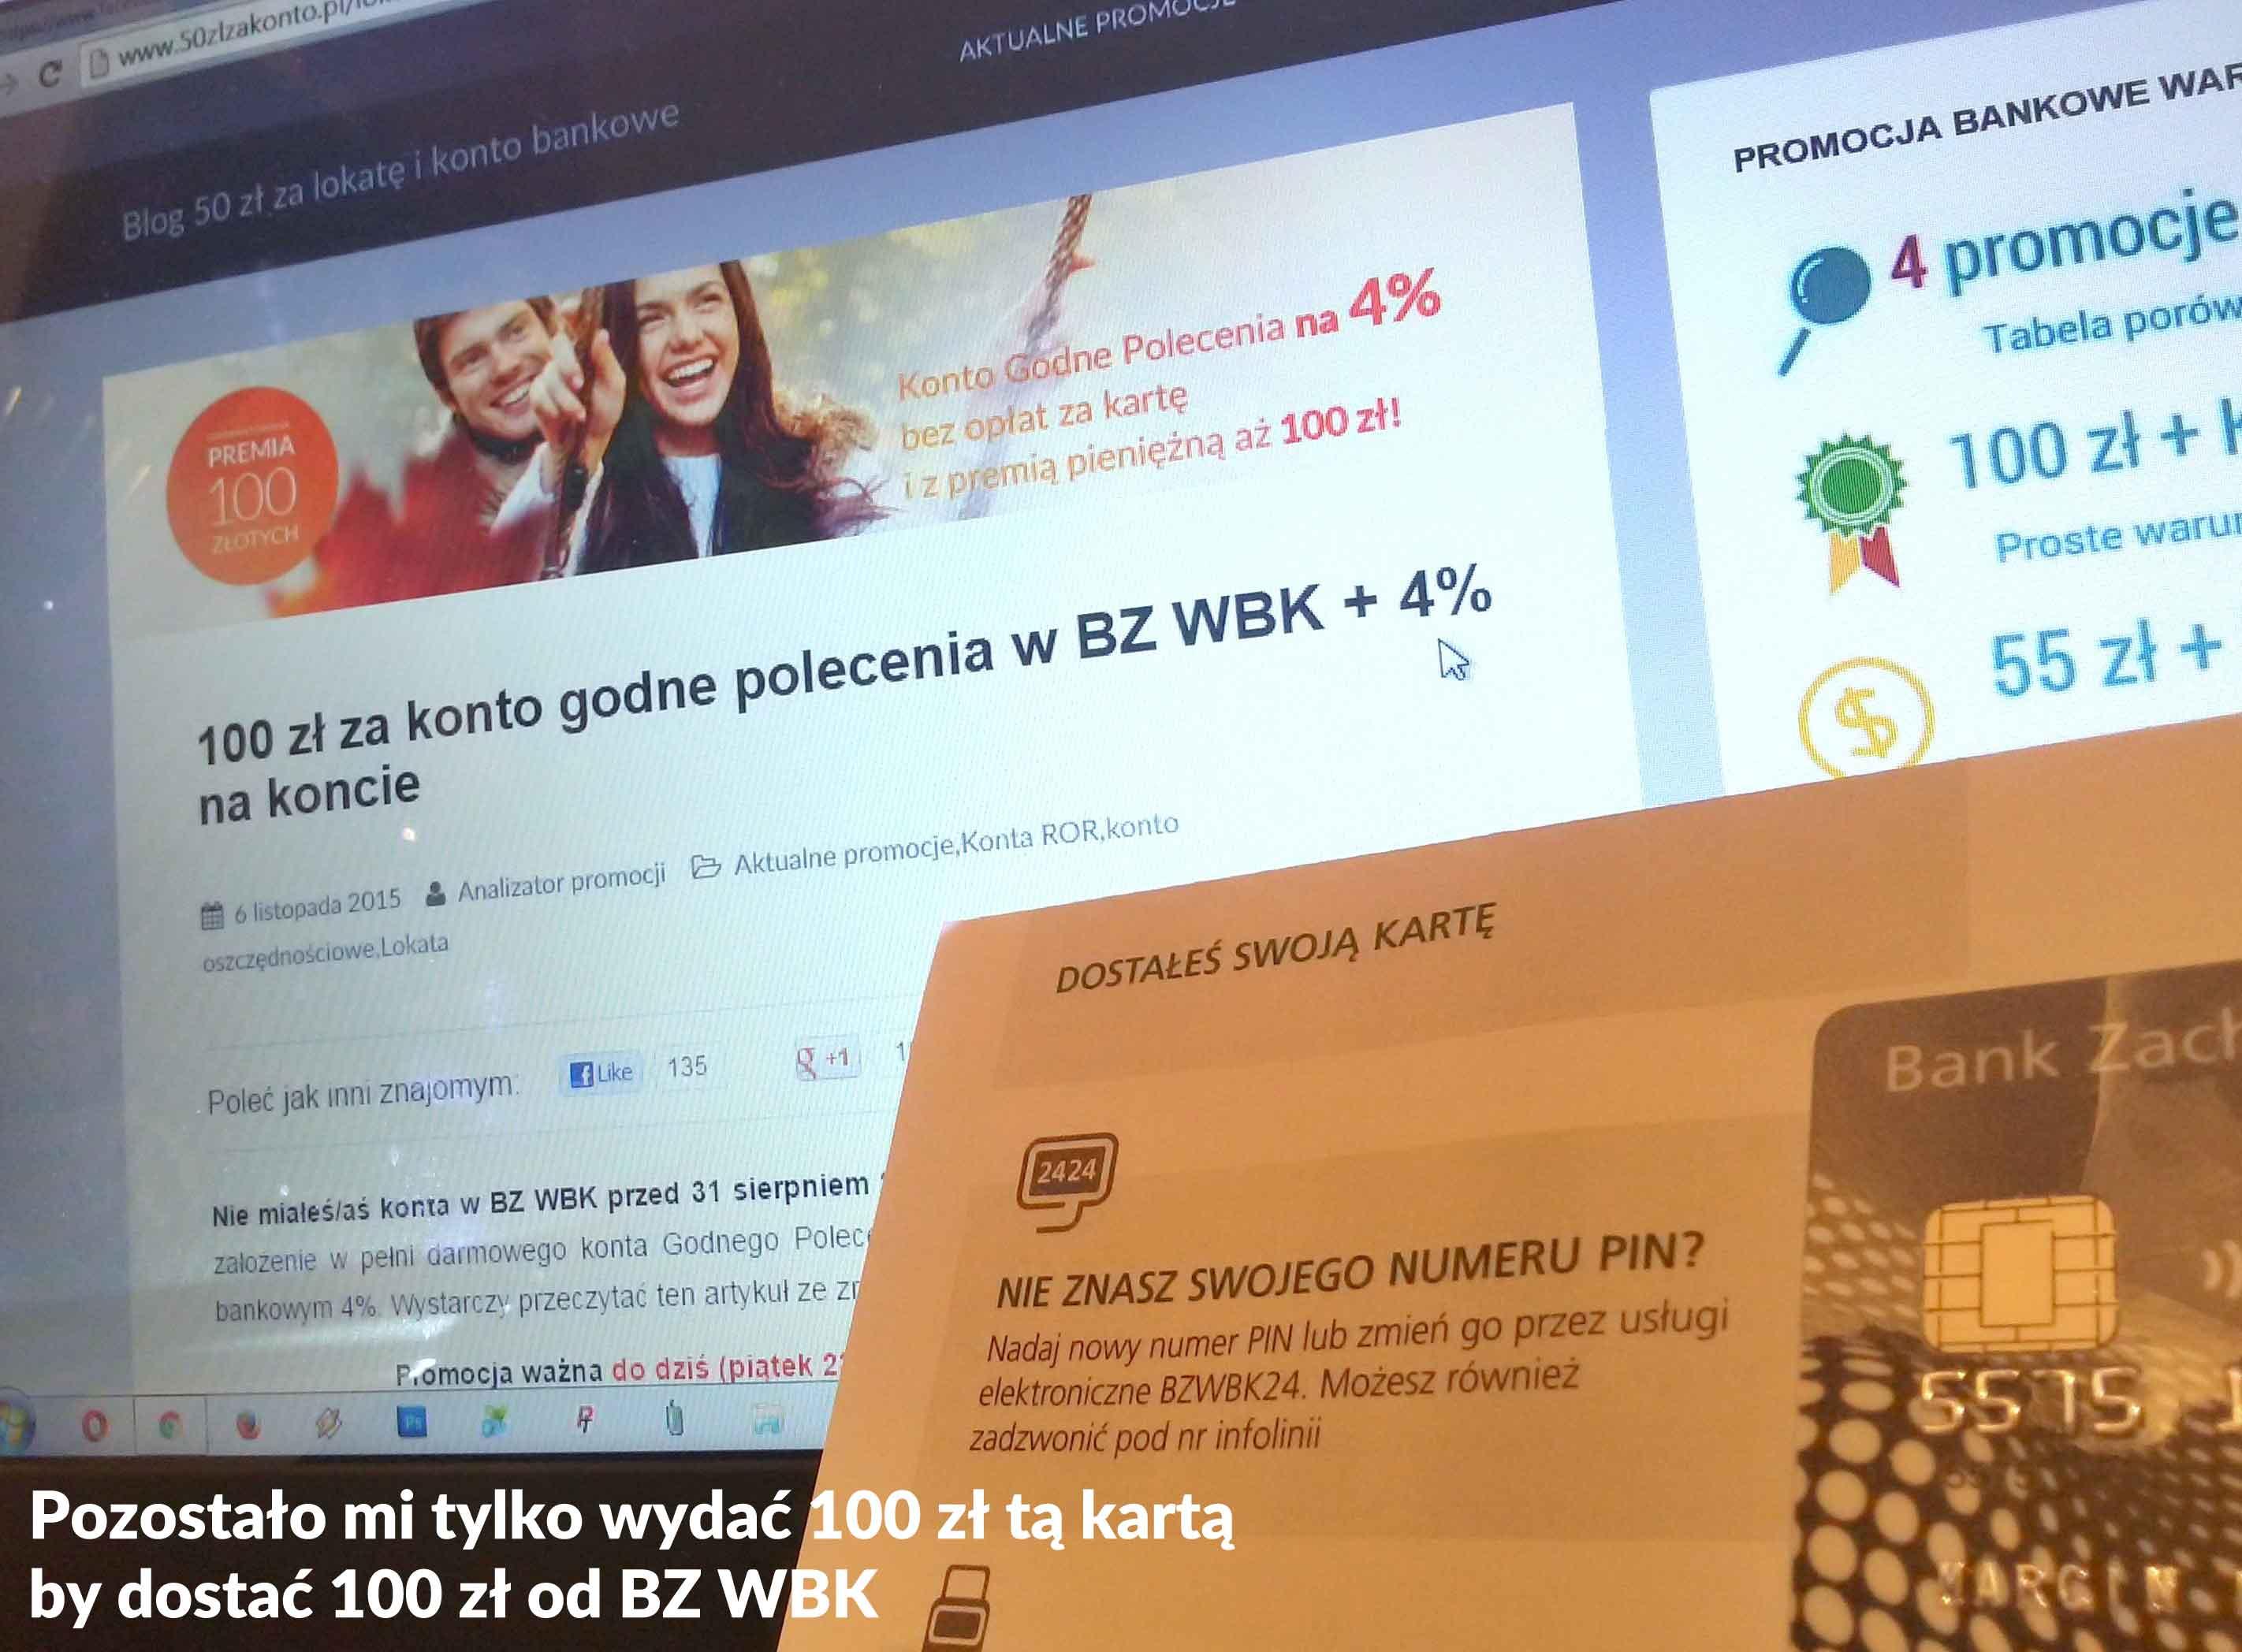 Dowód założenia konta w poprzedniej edycji promocji BZ WBK